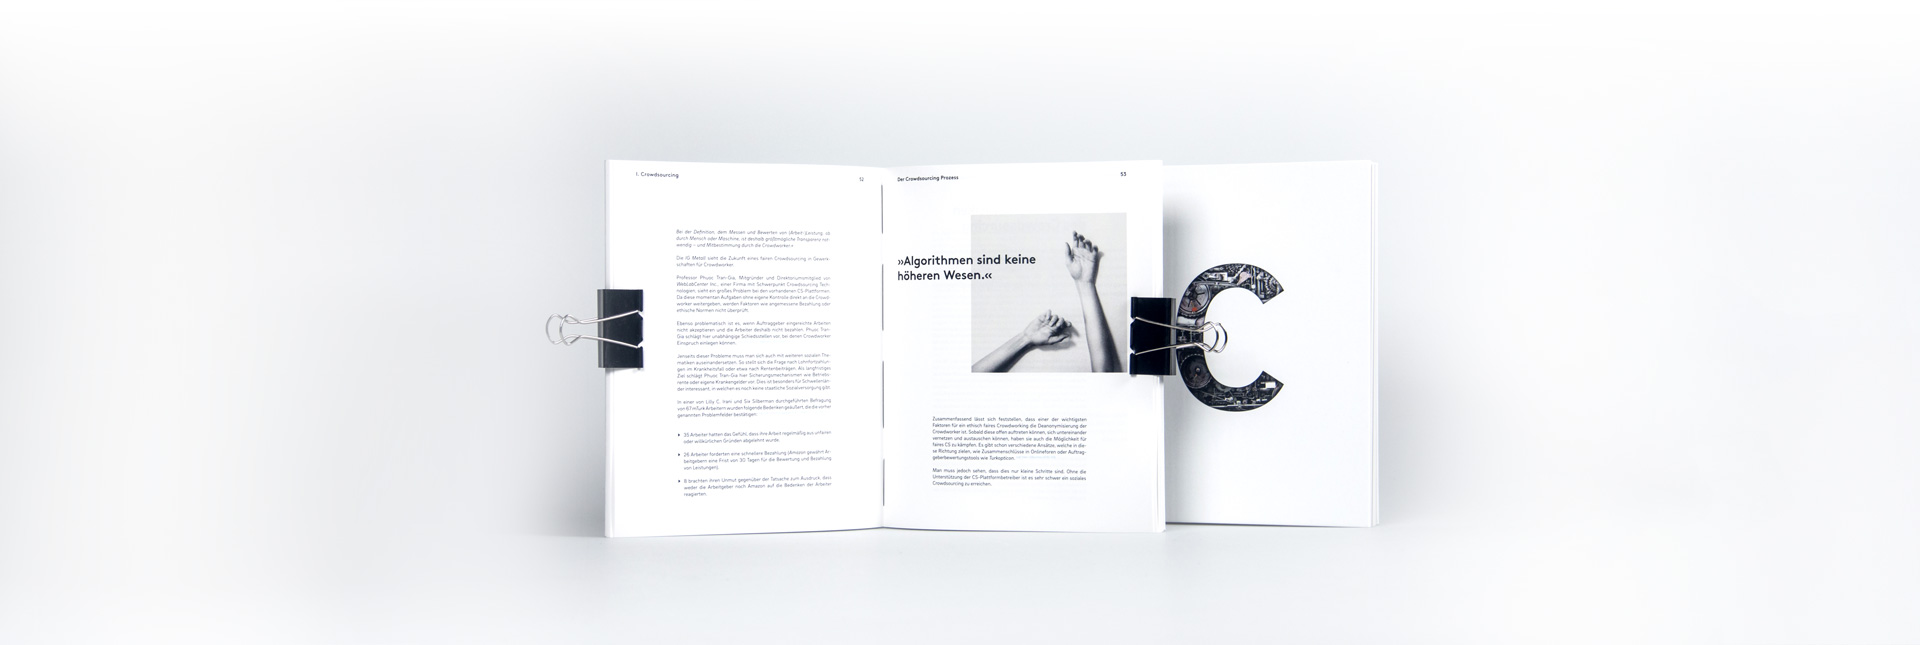 book_a13-3